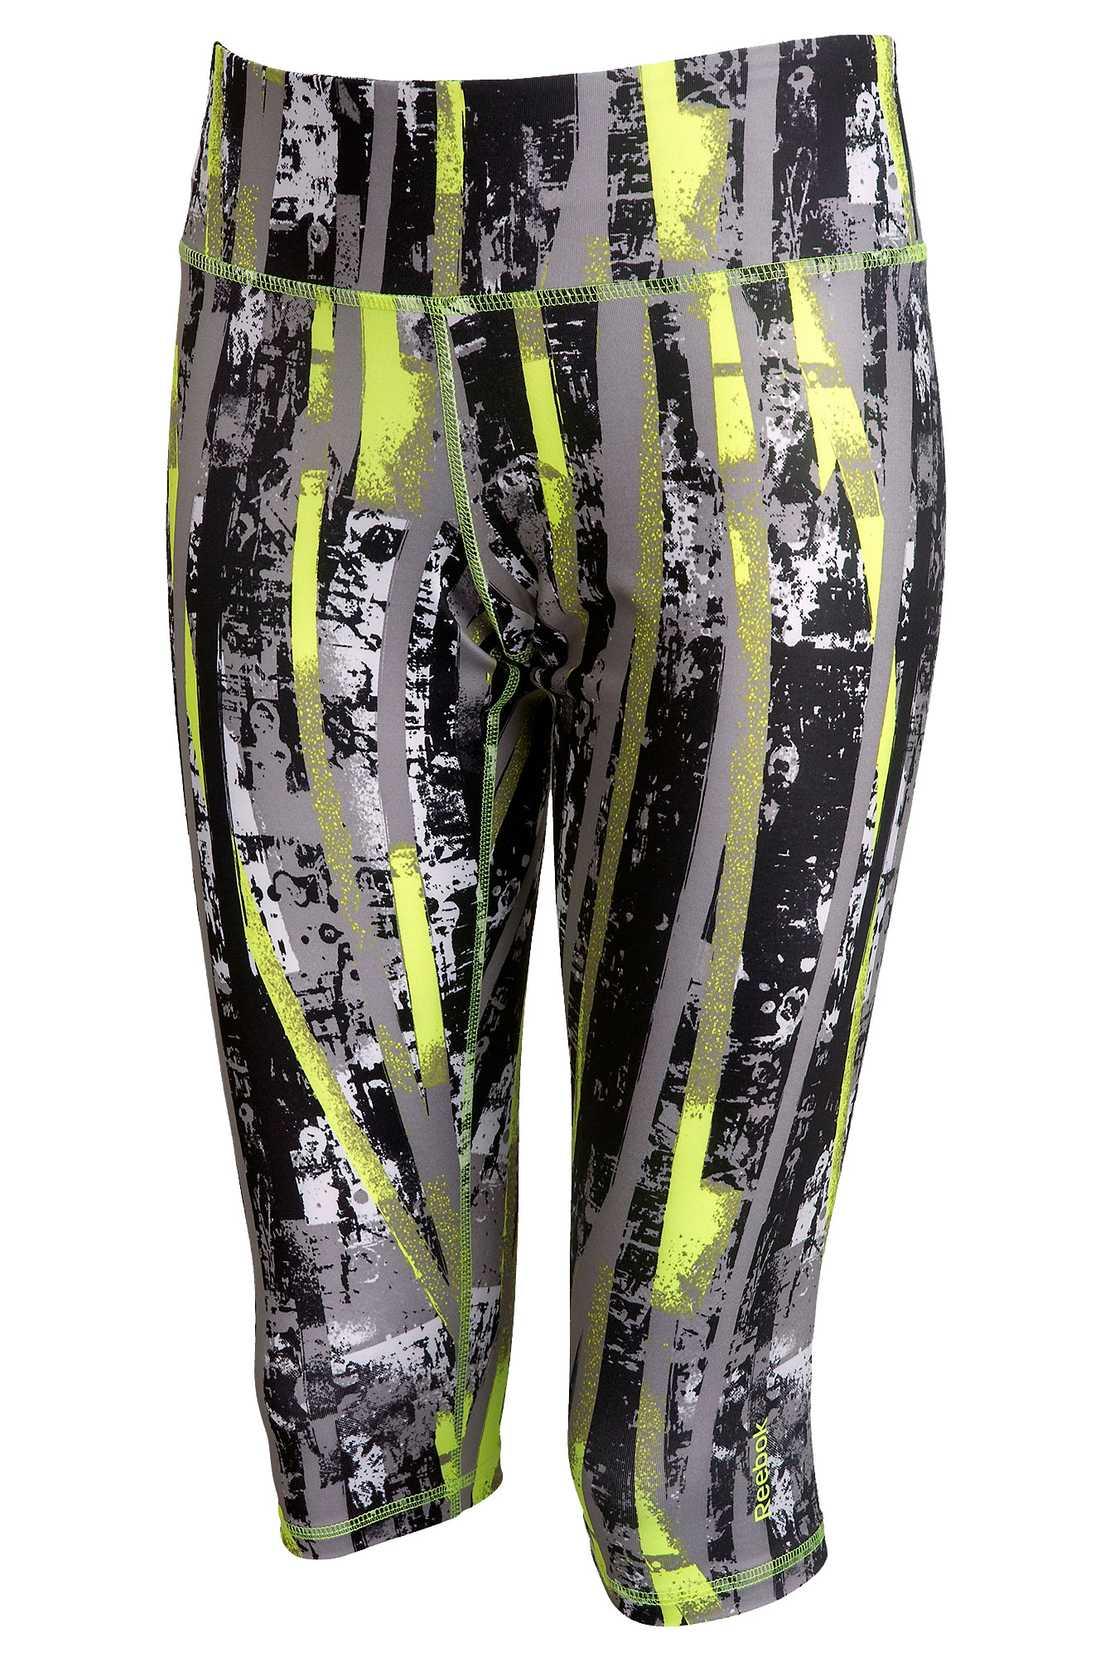 Klä dig i capribyxor och kör extra hårt på gymmet! Reeboks funktionstights transporterar bort fukten från huden. Pris: 399 kronor.